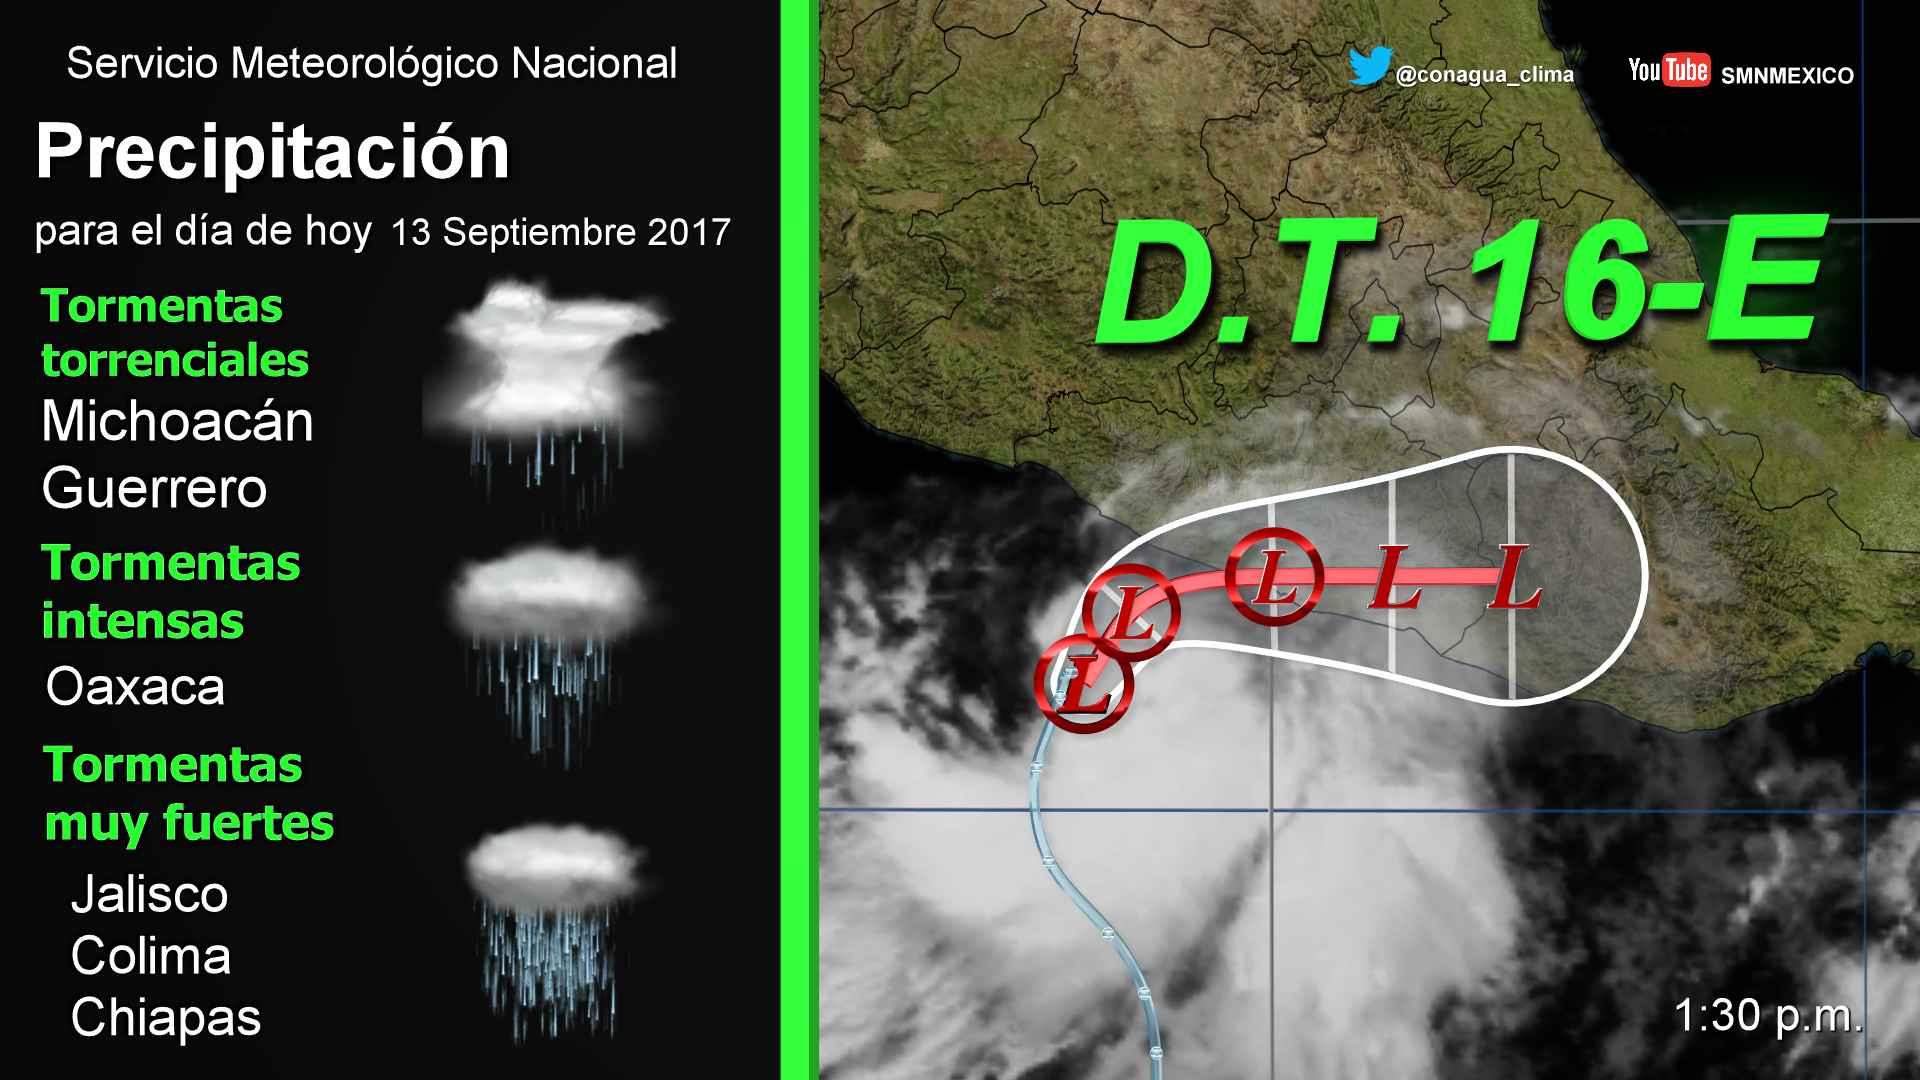 Se formó la Depresión Tropical 16-E en el Océano Pacífico